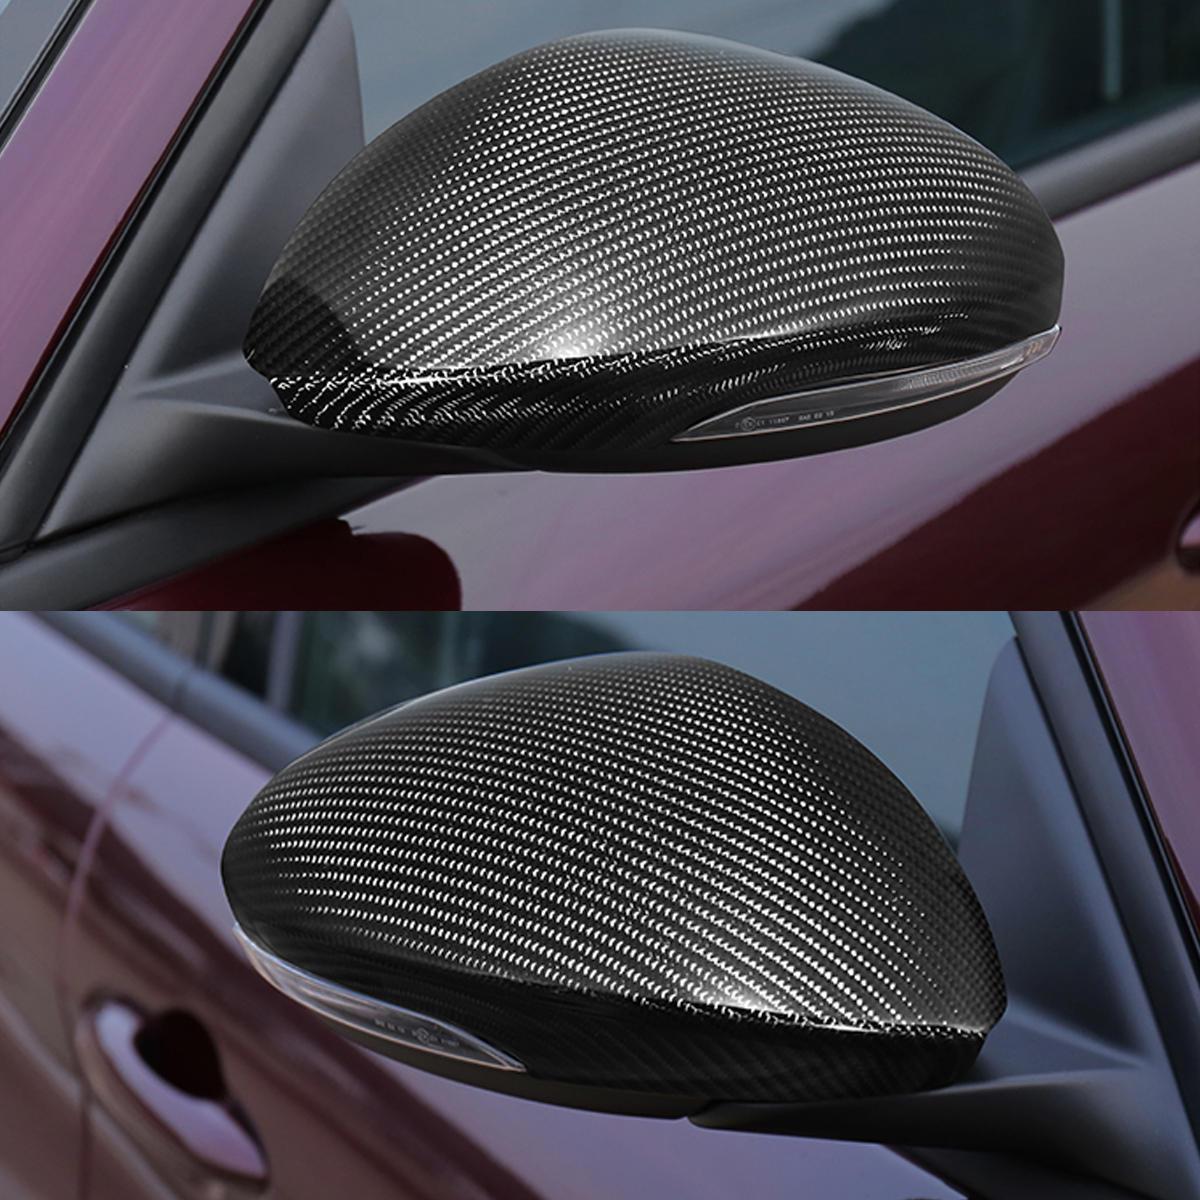 Coppia copri specchietto laterale in fibra di carbonio per Alfa Romeo Giulia Quadrifoglio 17-18